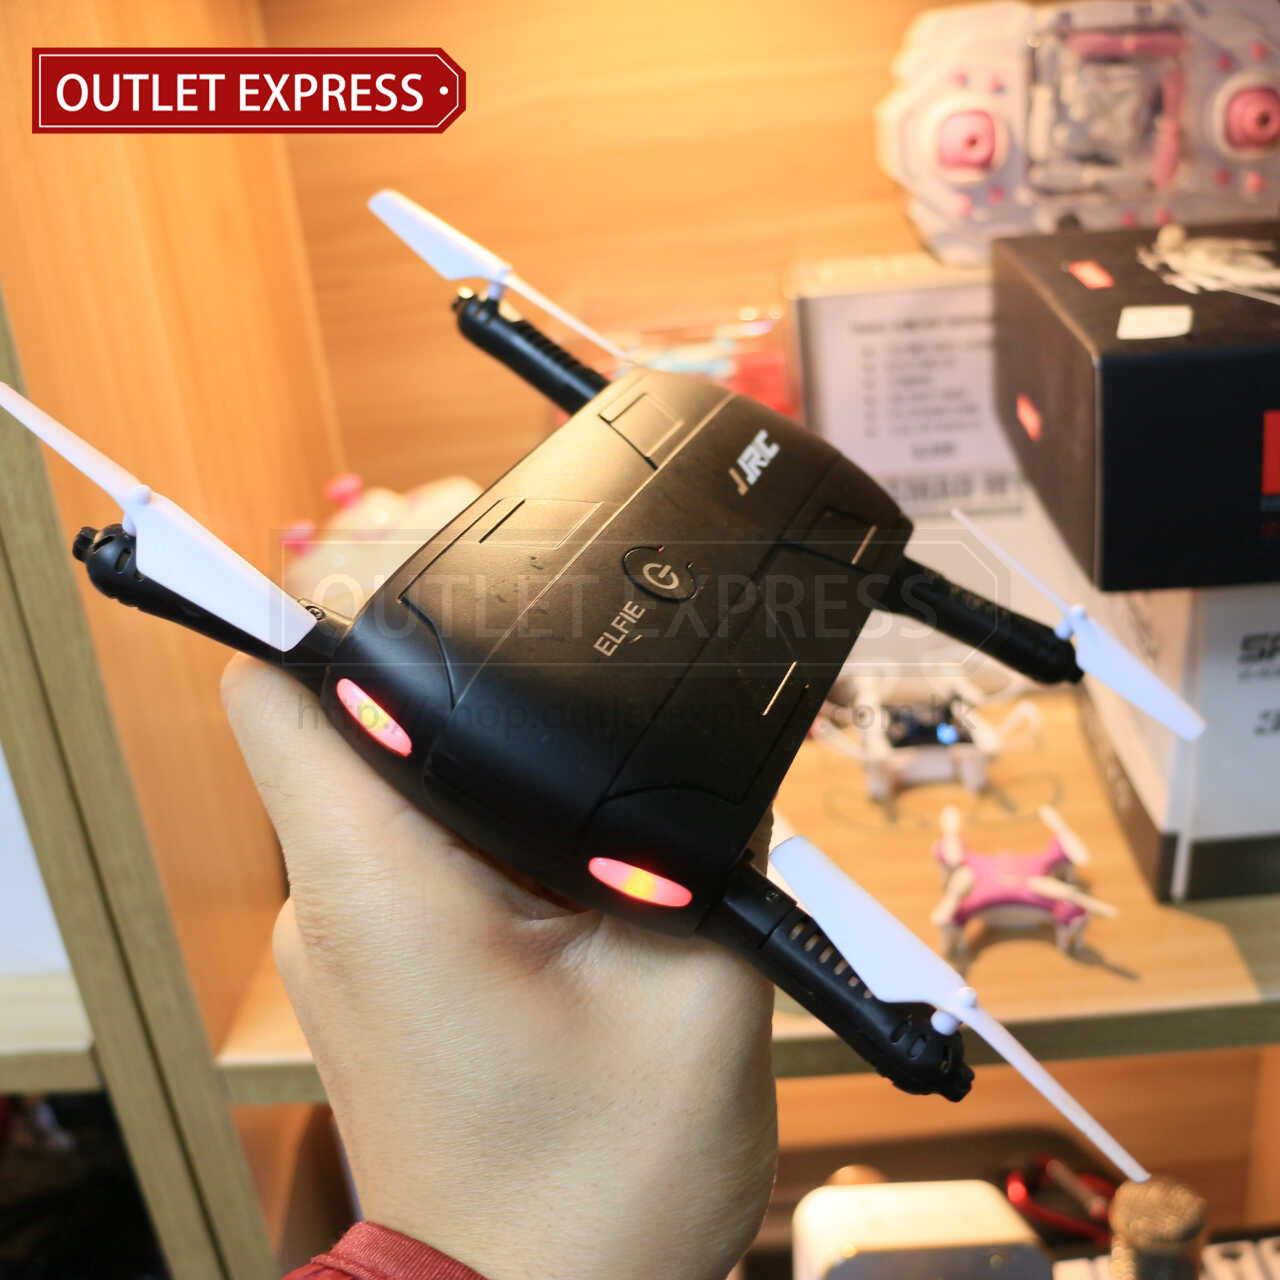 JJRC H37 可折疊迷你四軸無人機飛行器 - Outlet Express HK生活百貨城實拍相片